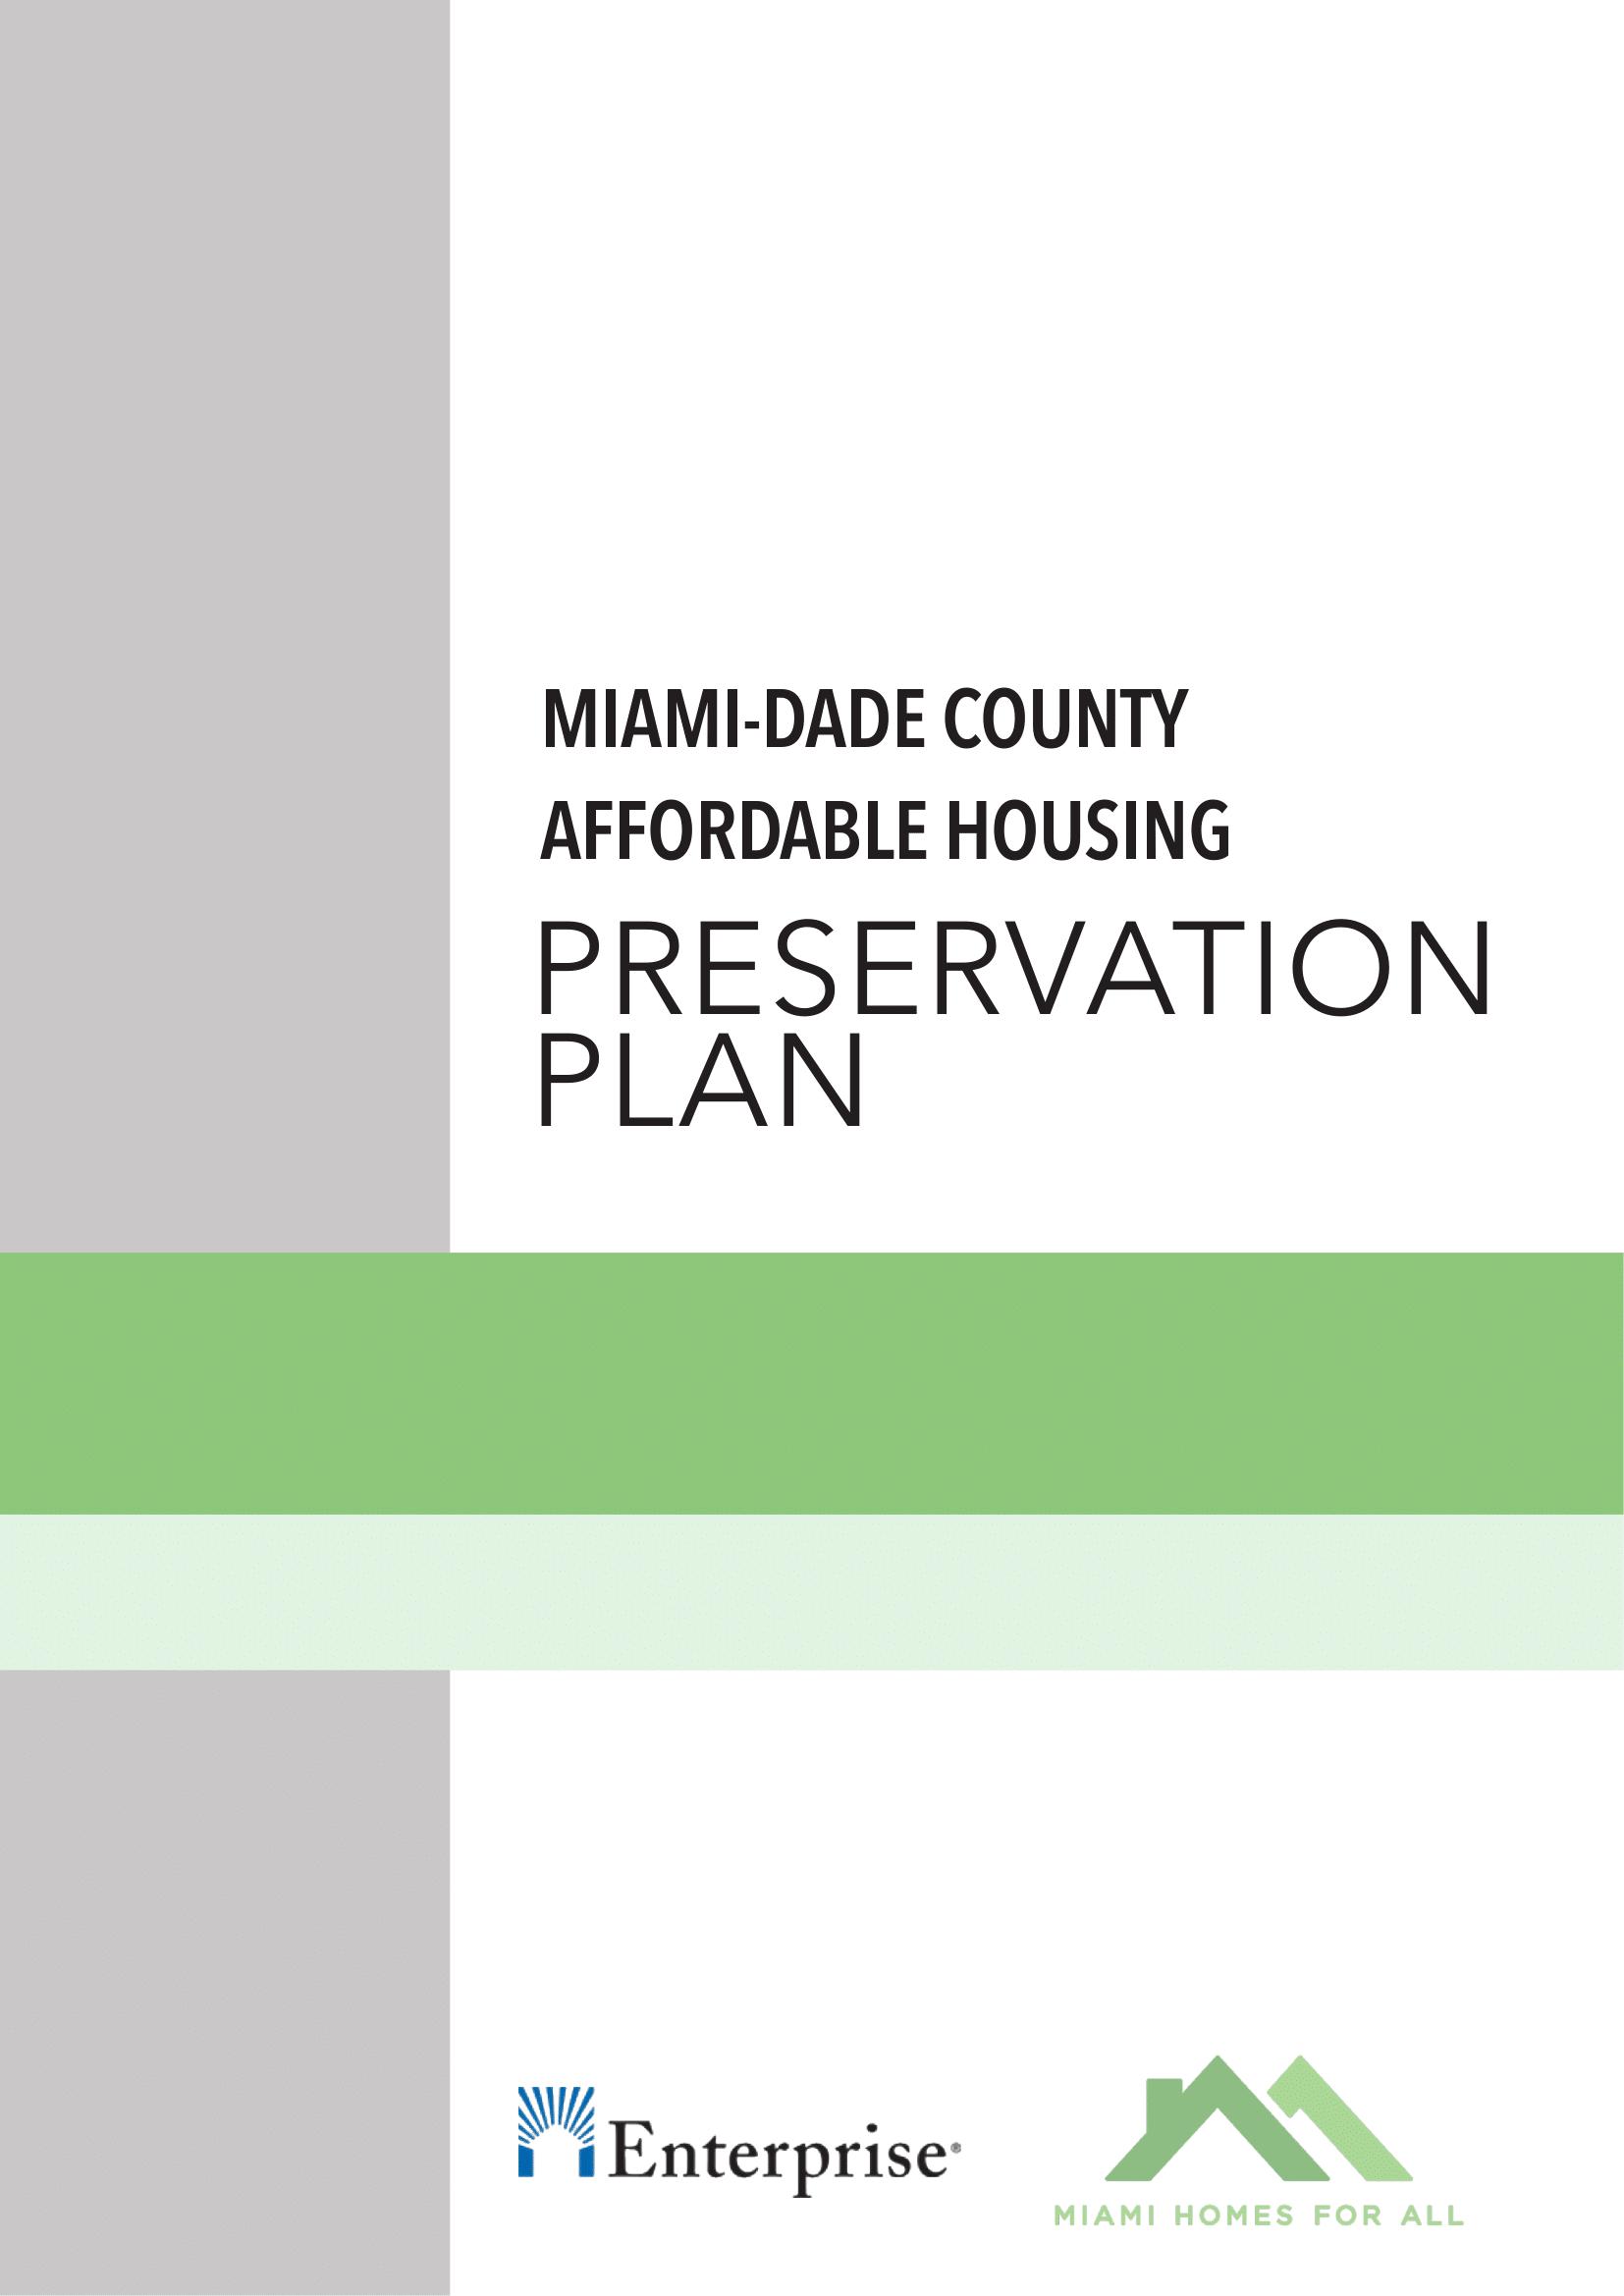 MDC Preservation Plan - June 2019-01.png